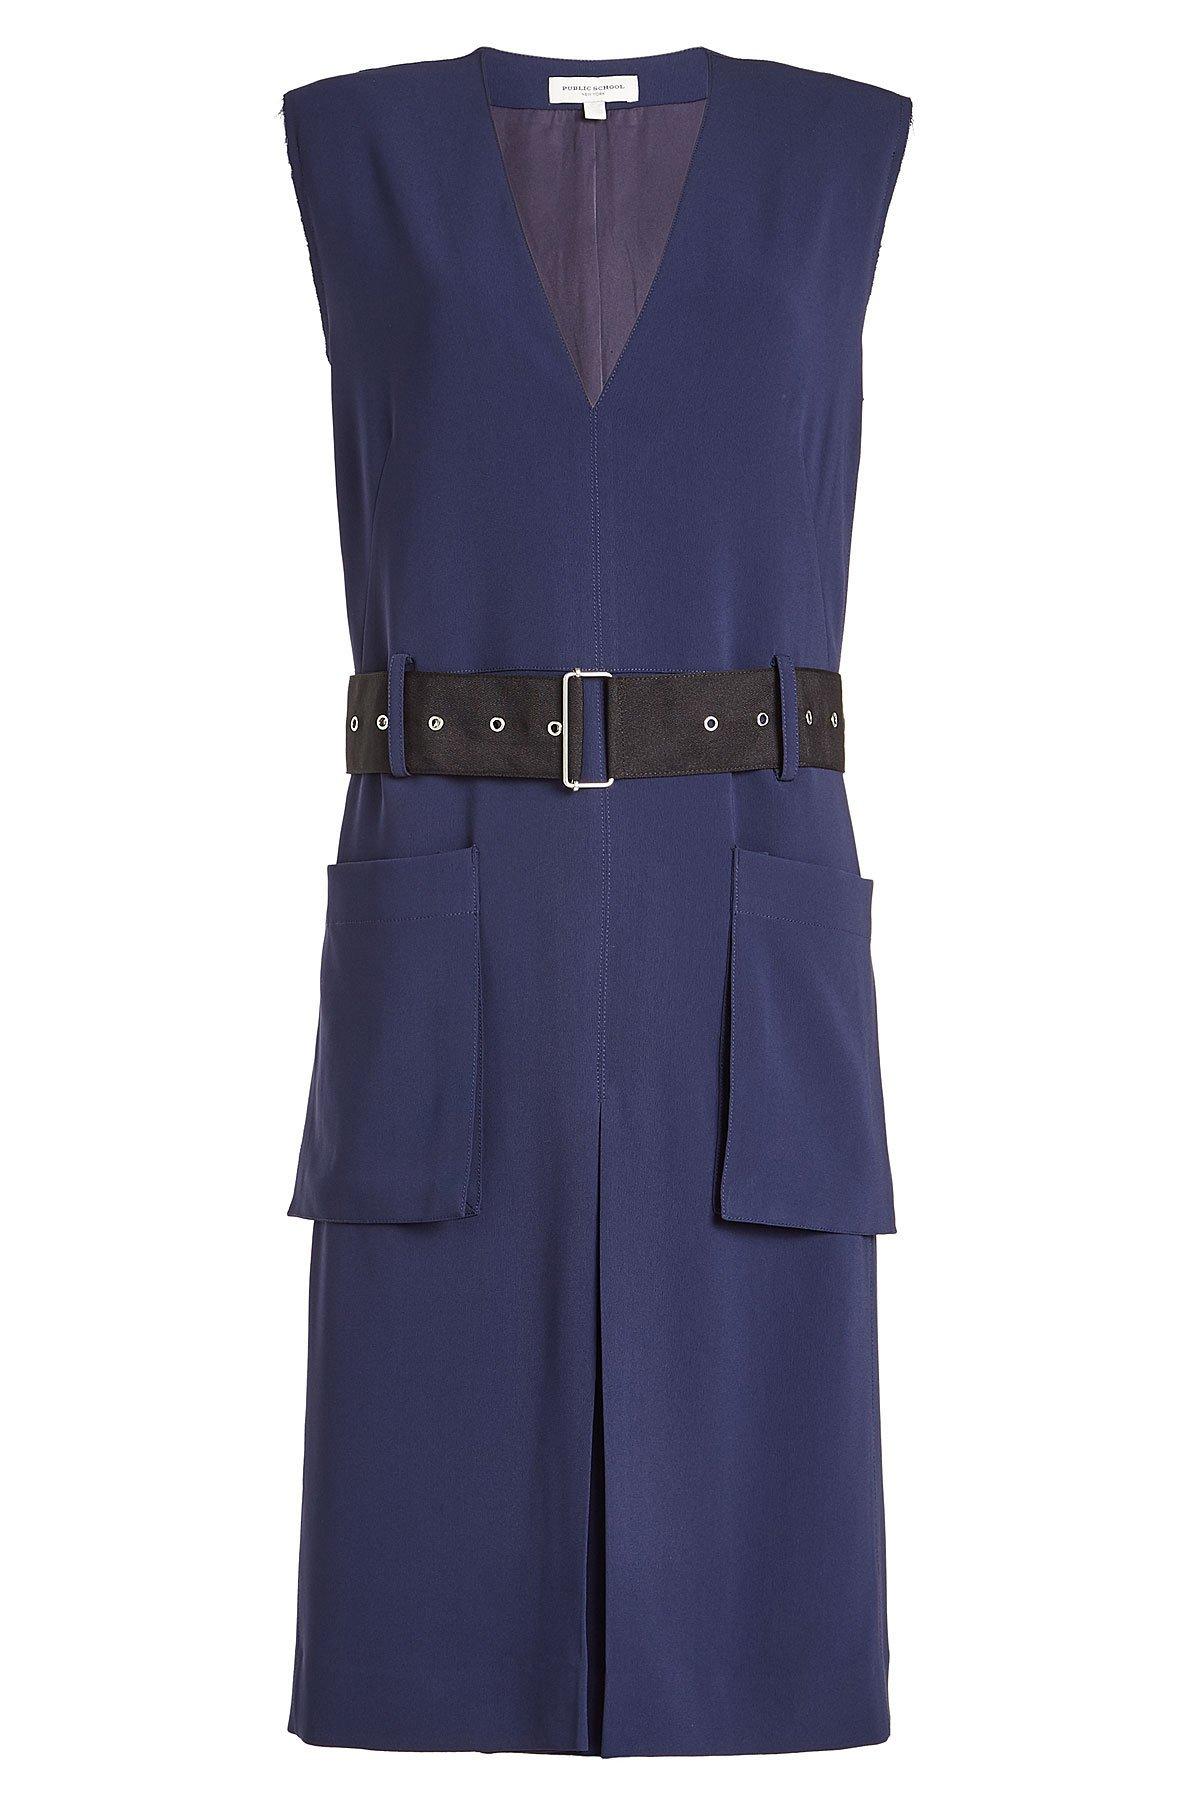 Tamir Dress with Belt Gr. US 2